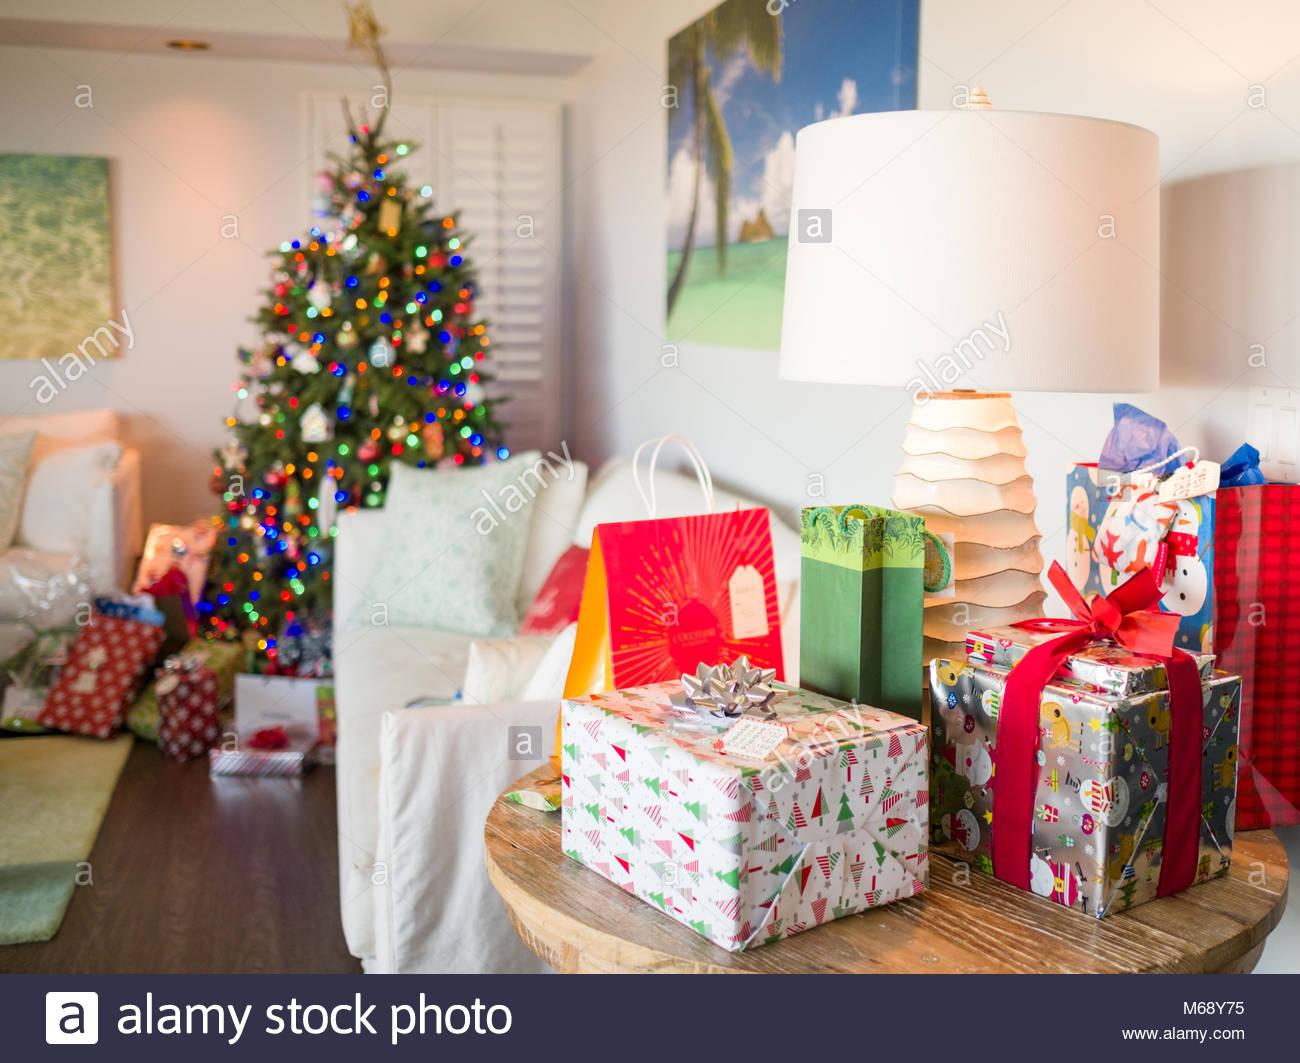 Envuelto y decorado presenta en la mañana de Navidad, EE.UU. Imagen De Stock